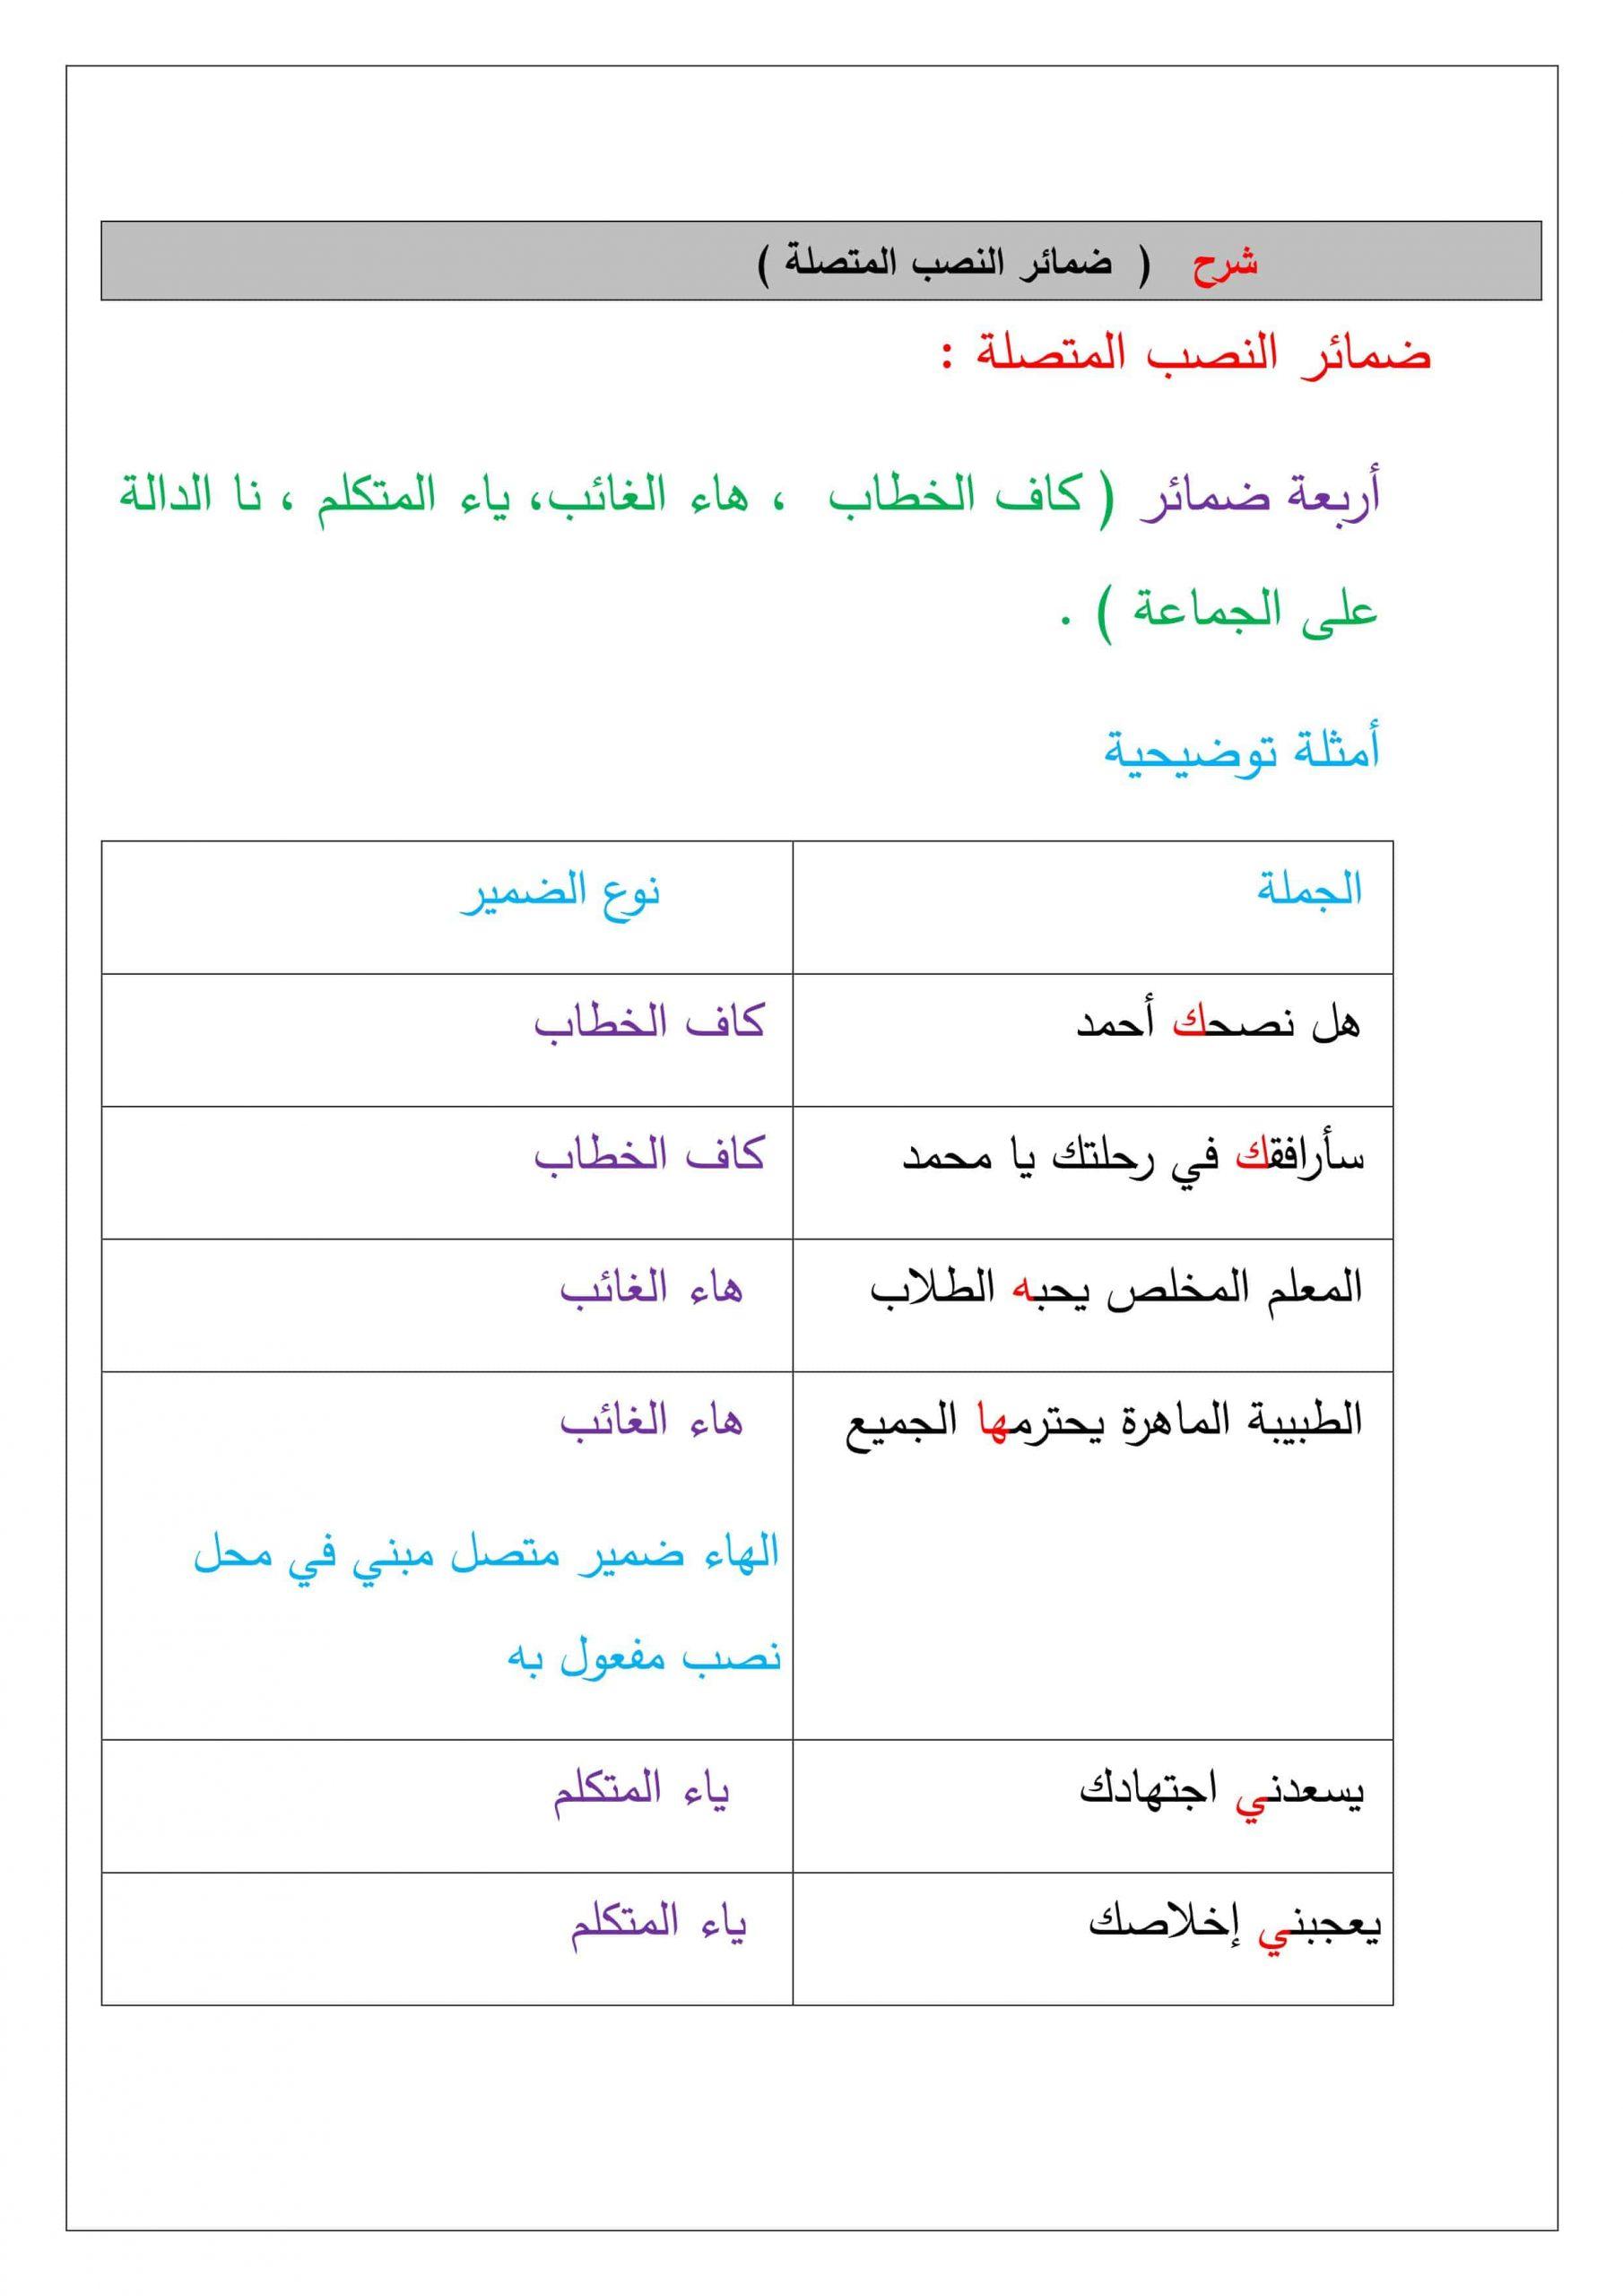 شرح درس ضمائر النصب المتصلة الفصل الدراسي الثالث الصف السابع مادة اللغة العربية